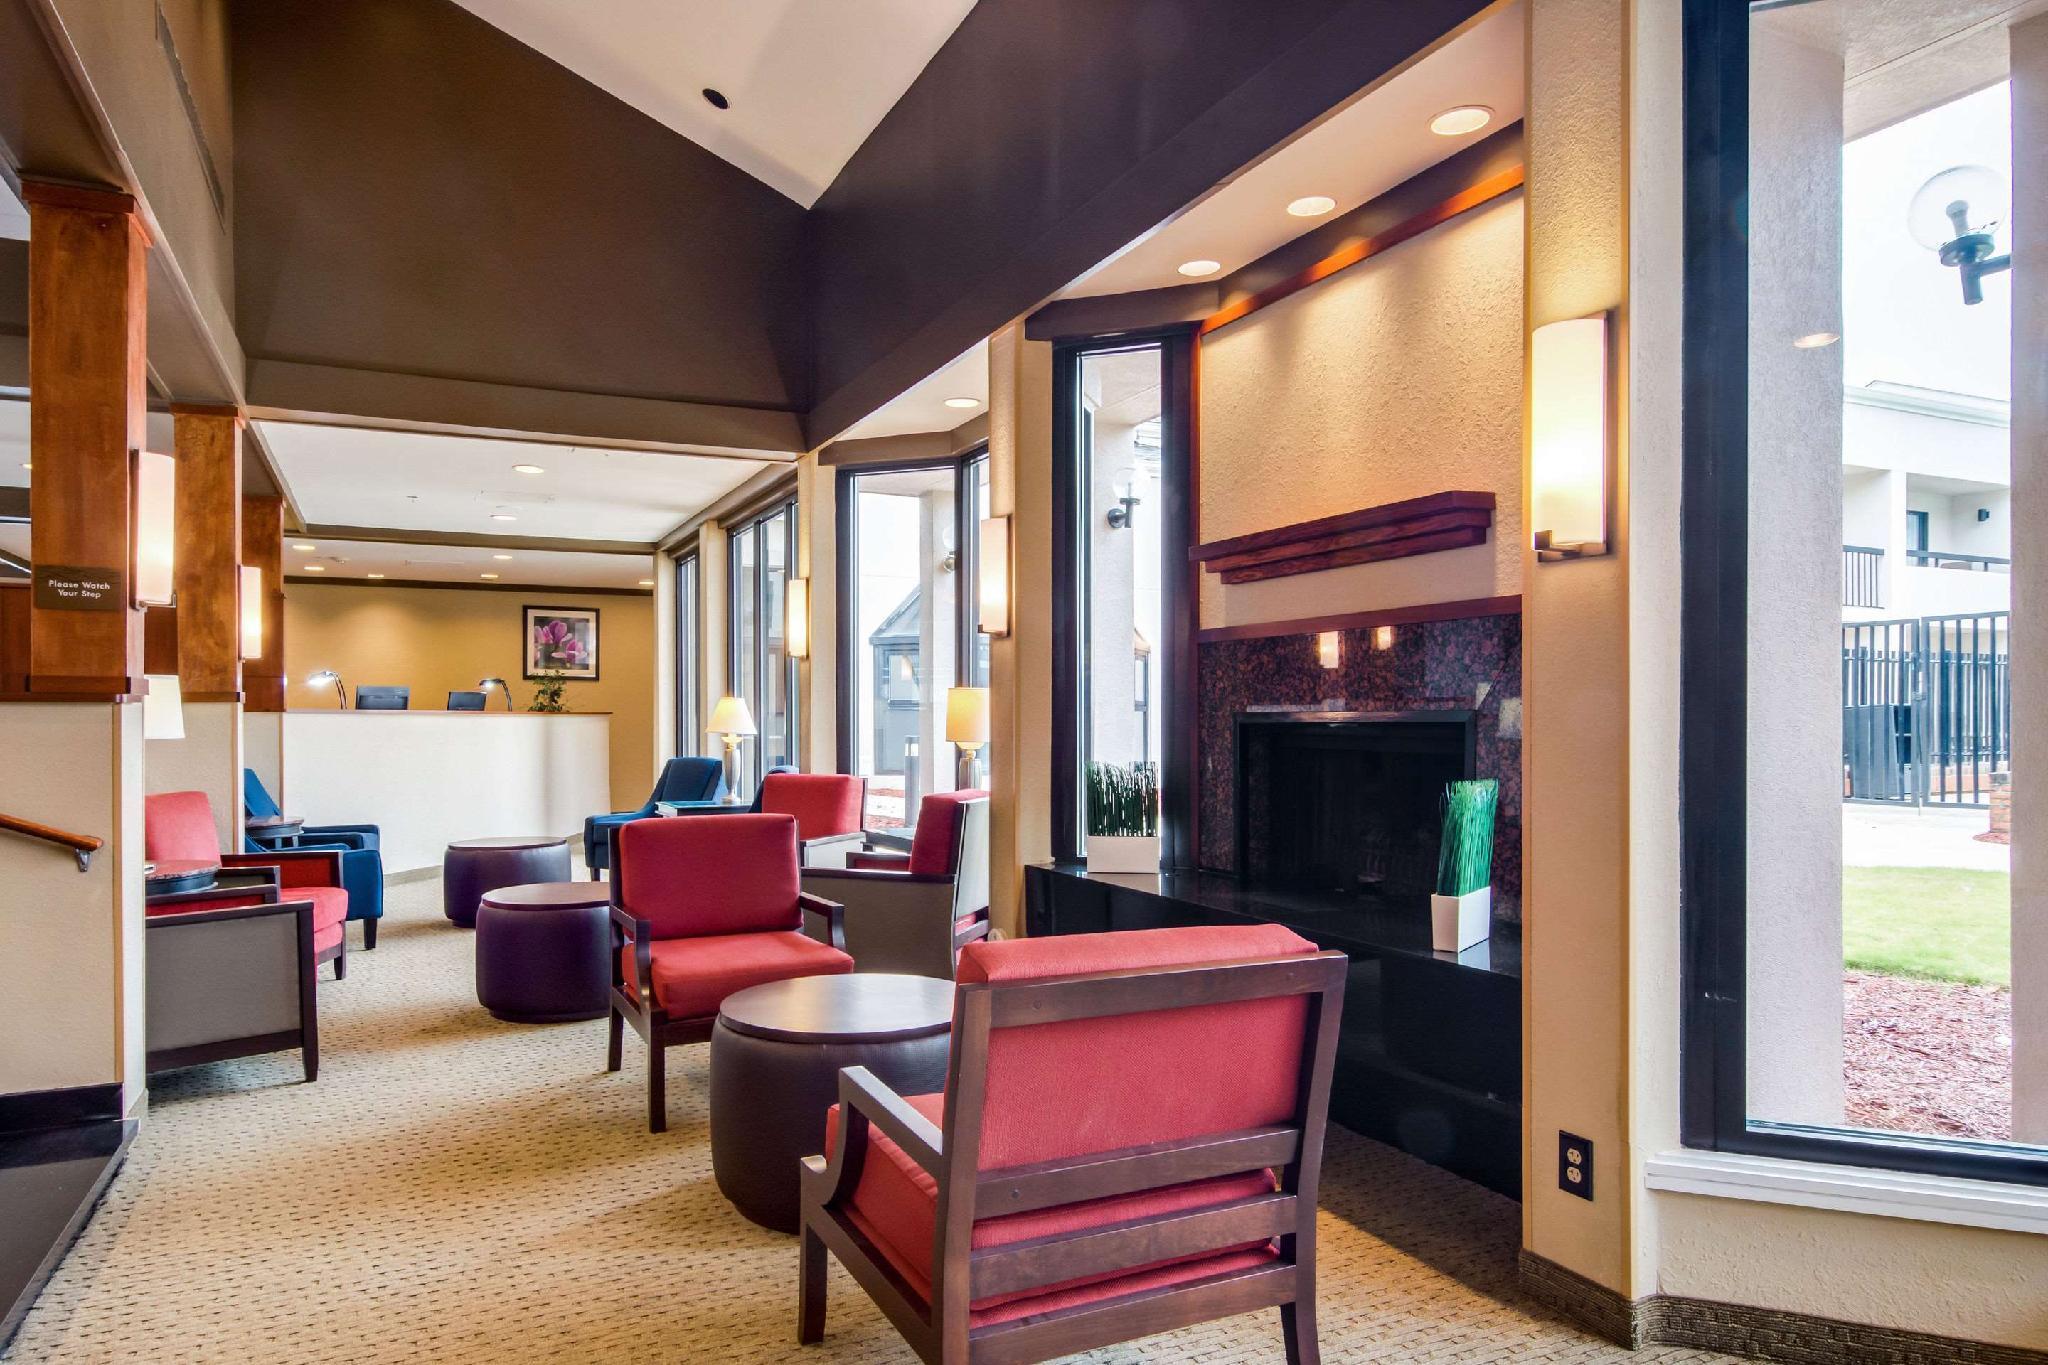 Comfort Inn Roswell Ga Booking Deals Photos Reviews